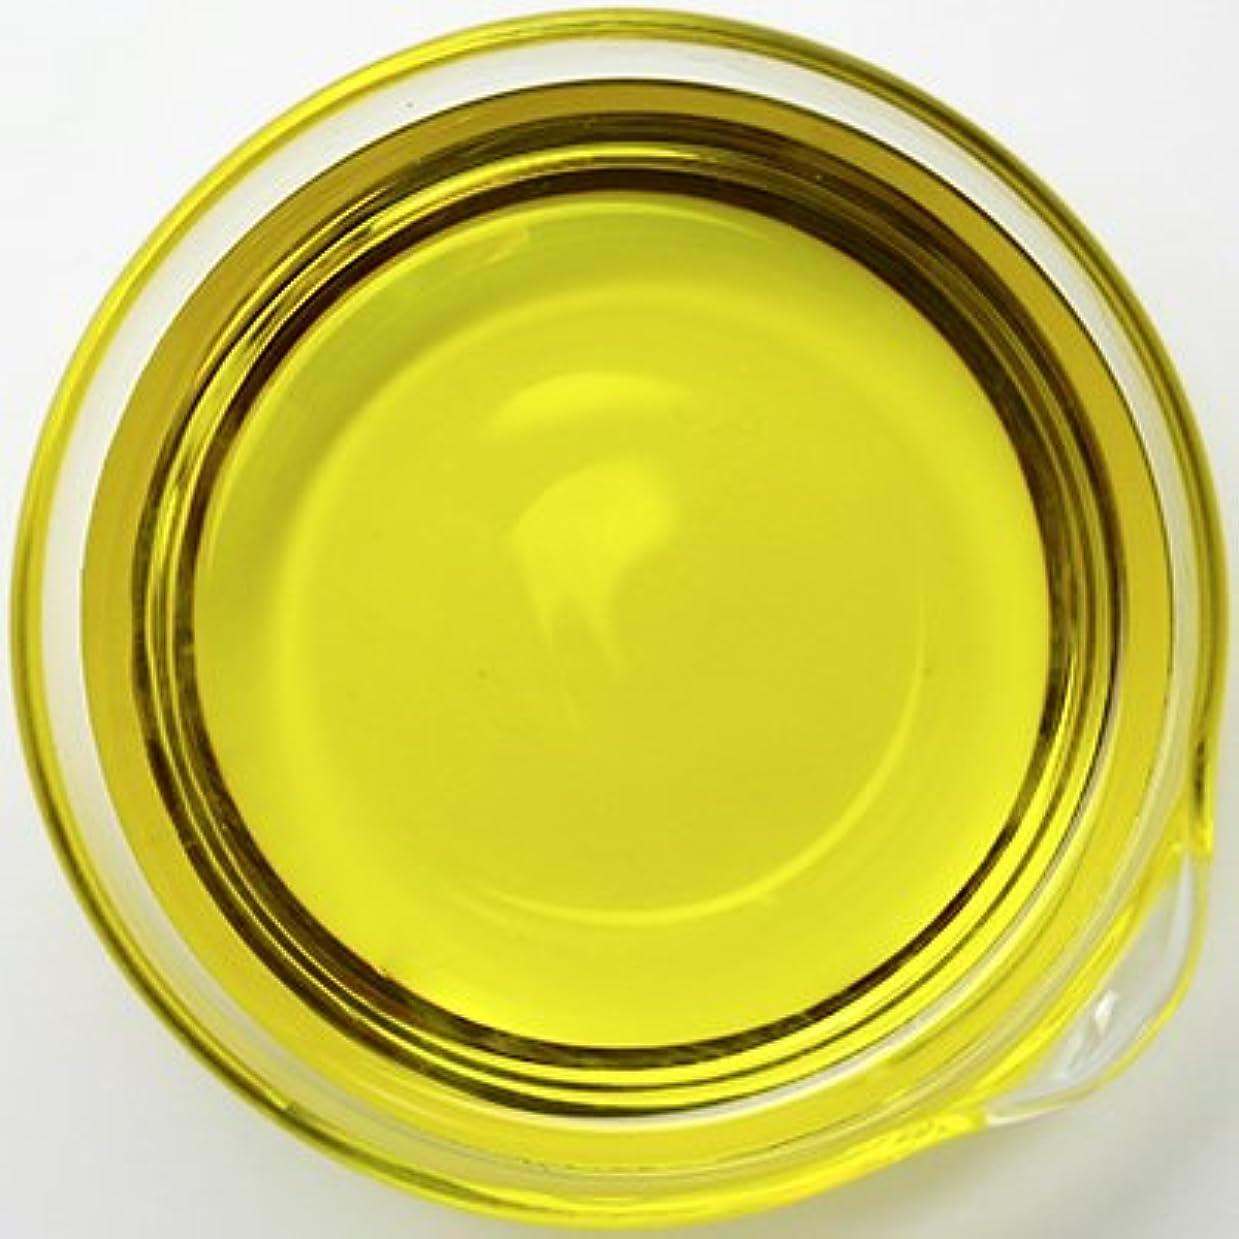 適度な幻影批判的オーガニック アルニカオイル [アルニカ抽出油] 500ml 【アルニカ油/手作り石鹸/手作りコスメ/美容オイル/キャリアオイル/マッサージオイル】